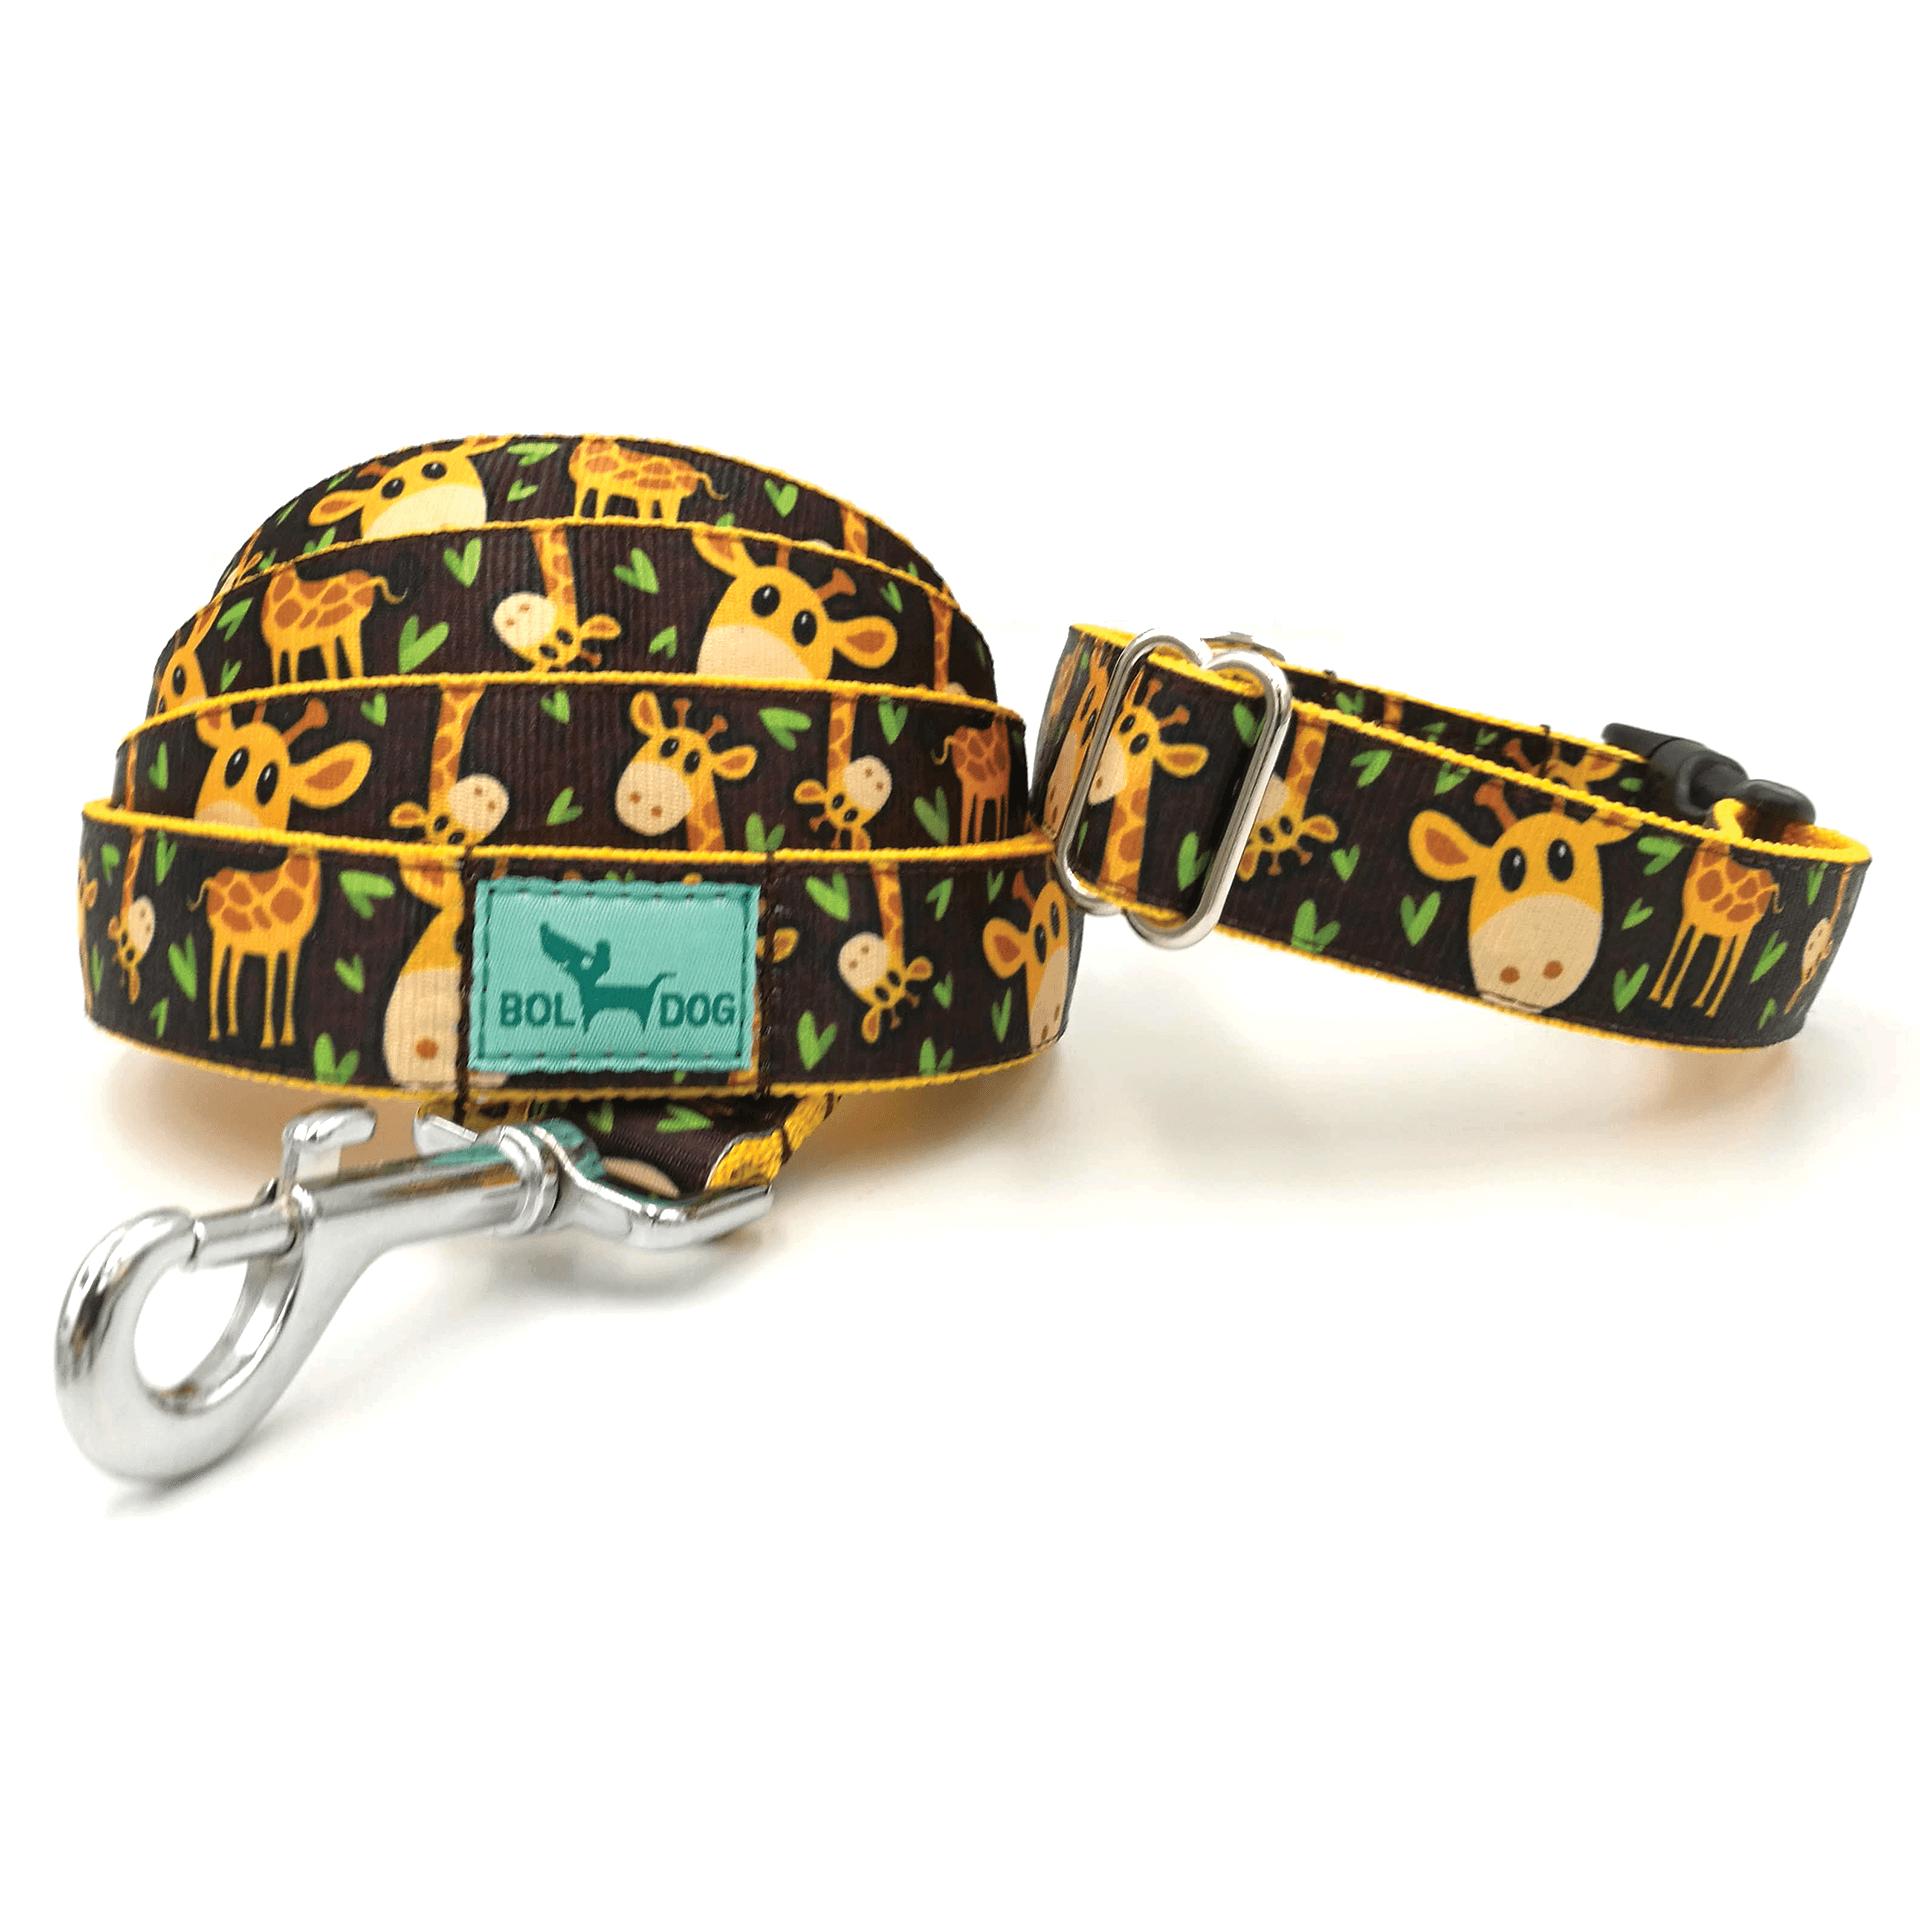 Zsiráf mintás kutya nyakörv és póráz